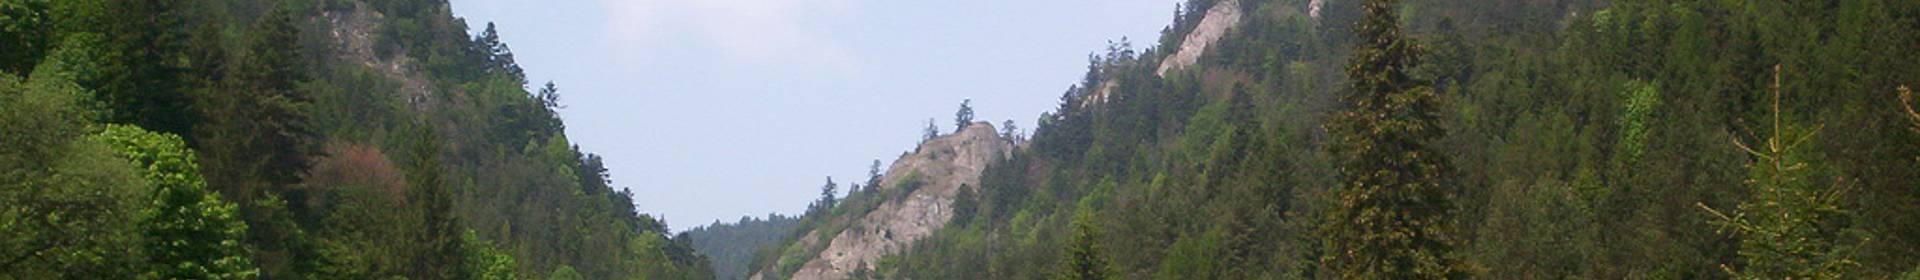 Valle de Pieniny